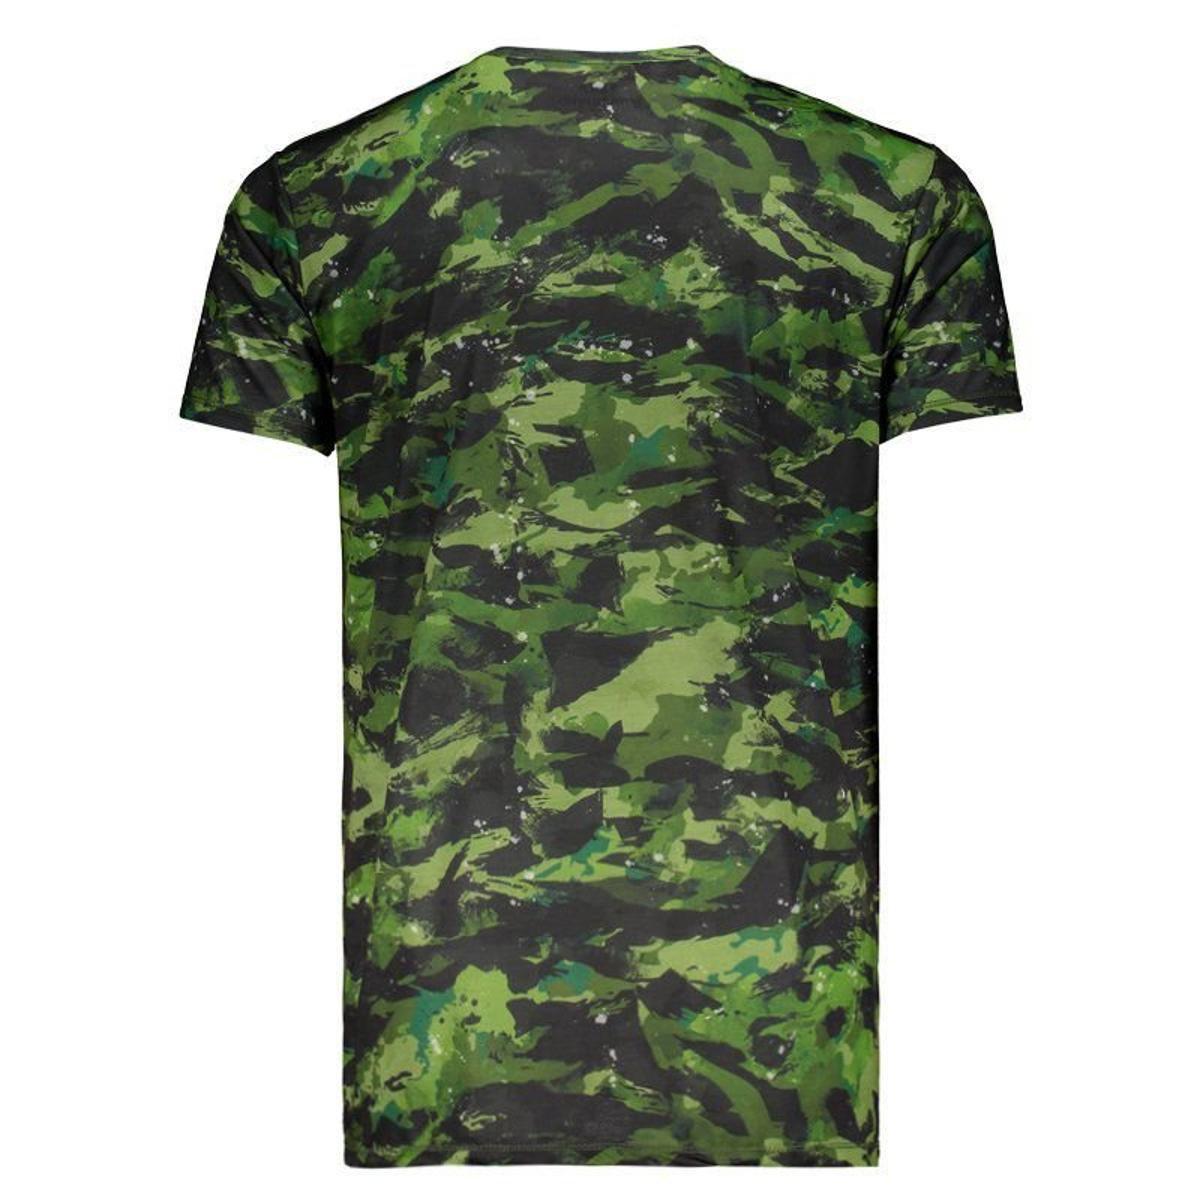 Camiseta Hd Especial Force - Verde - Compre Agora  1bfa21e6ff417